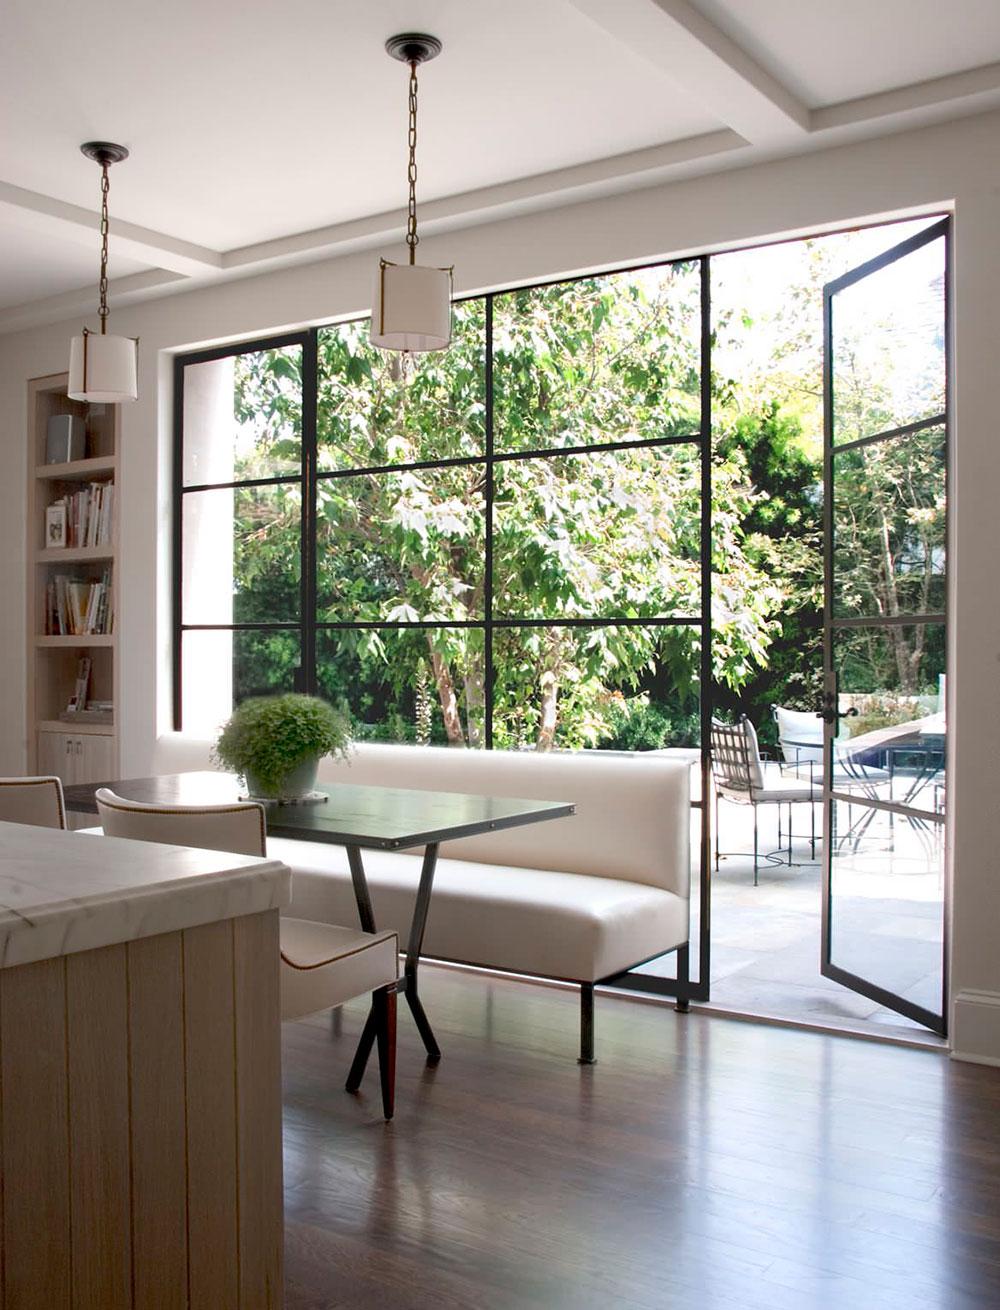 Hur man väljer energieffektiva windows3 Hur man väljer energieffektiva windows